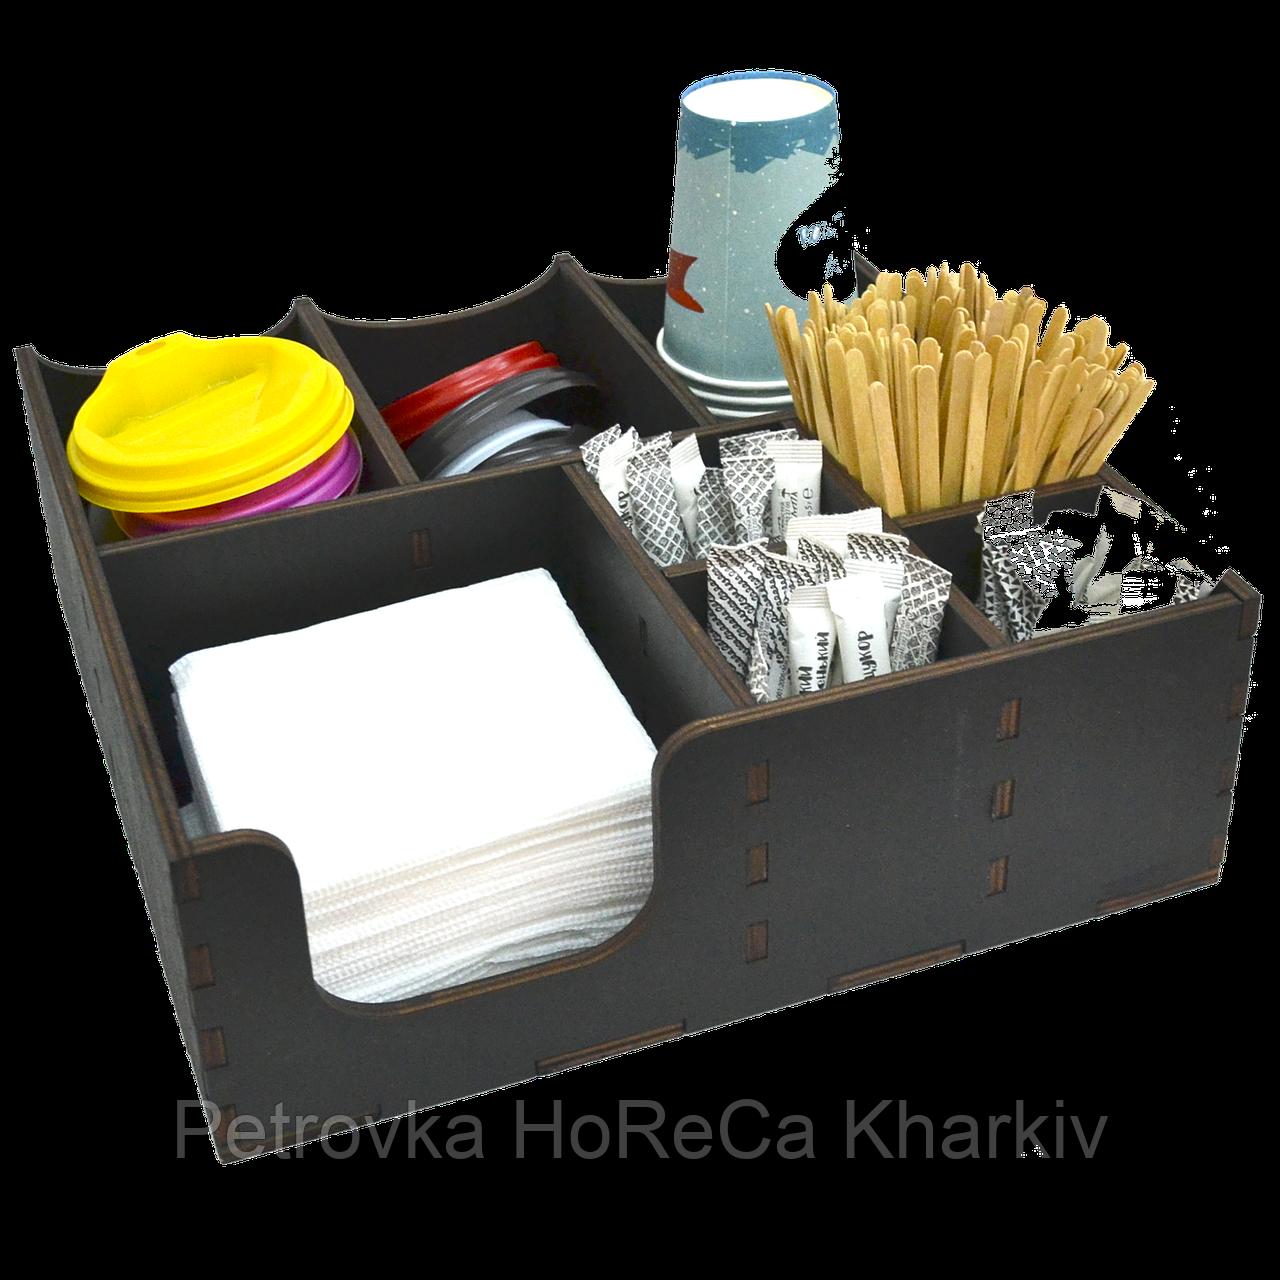 Органайзер деревянный чёрный с отверстиями д/крышек 30*30